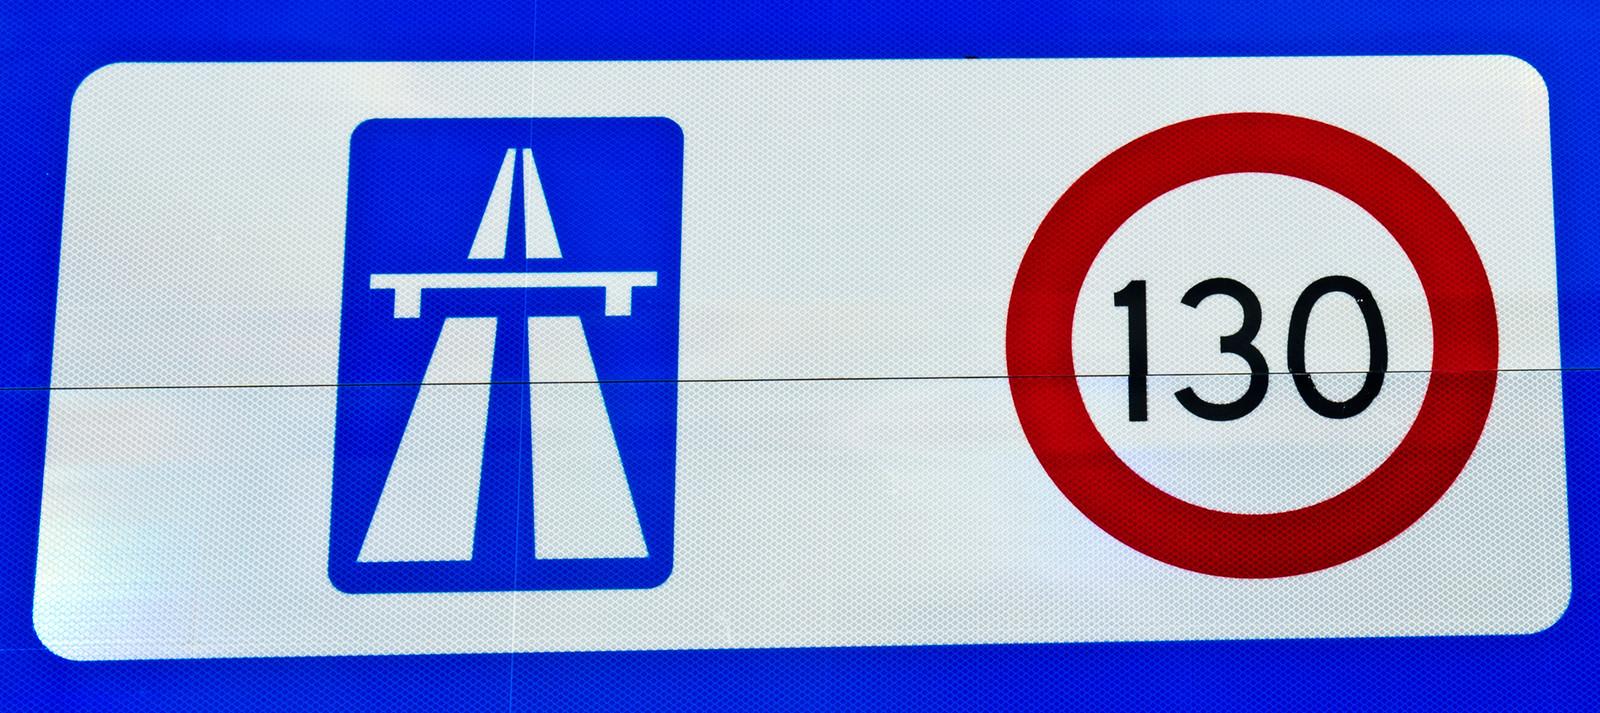 Vanaf 2012 mag er op de Nederlandse A-wegen, met de nodige beperkingen, gereden worden met een maximumsnelheid 130 kilometer per uur